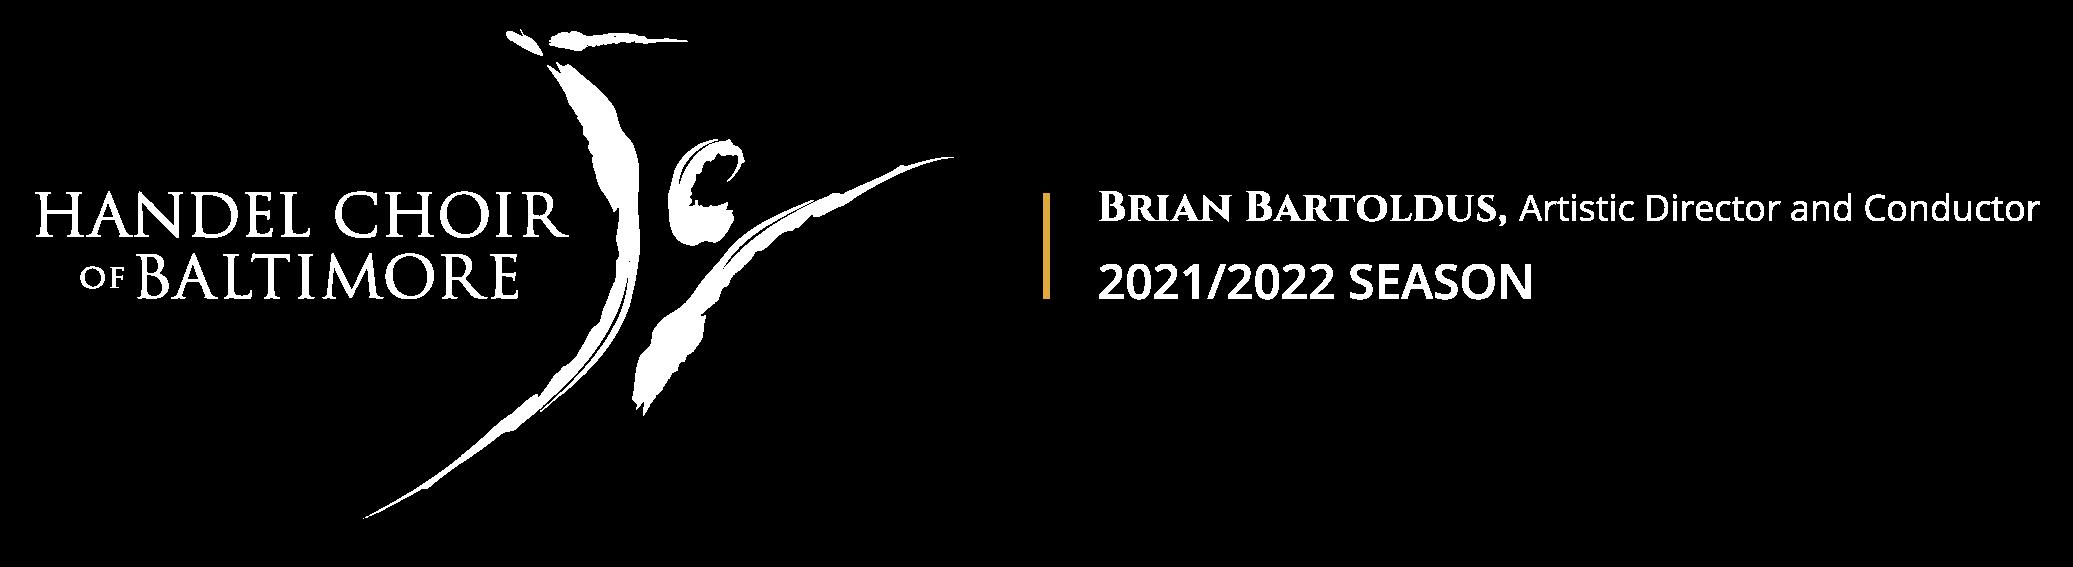 2021-22-Handel-Choir-Logo